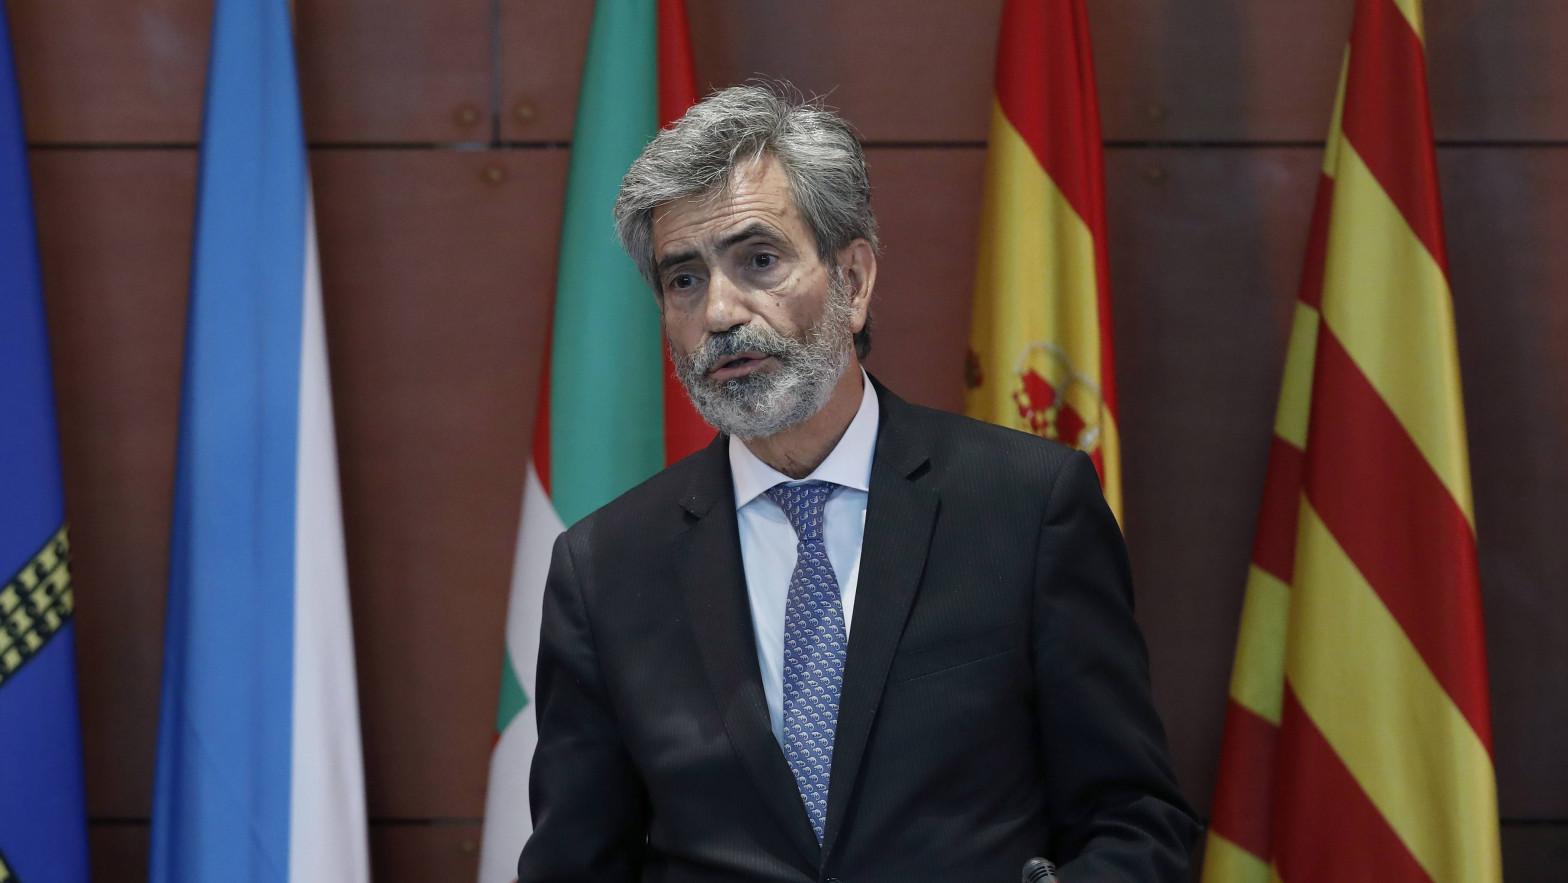 El CGPJ pospone los nombramientos de jueces ante la inminencia de un acuerdo para su renovación